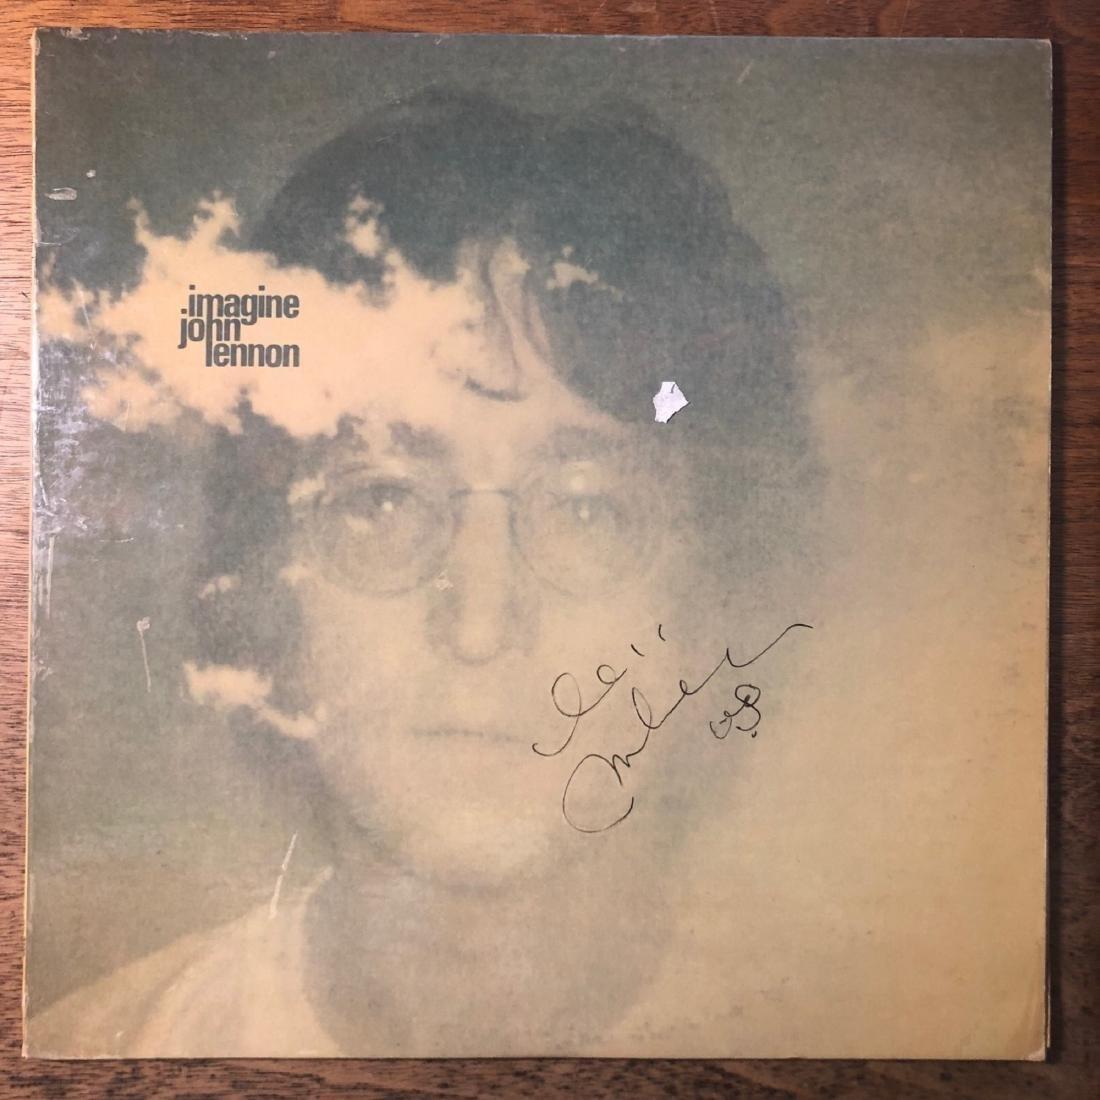 John Lennon Imagine Album